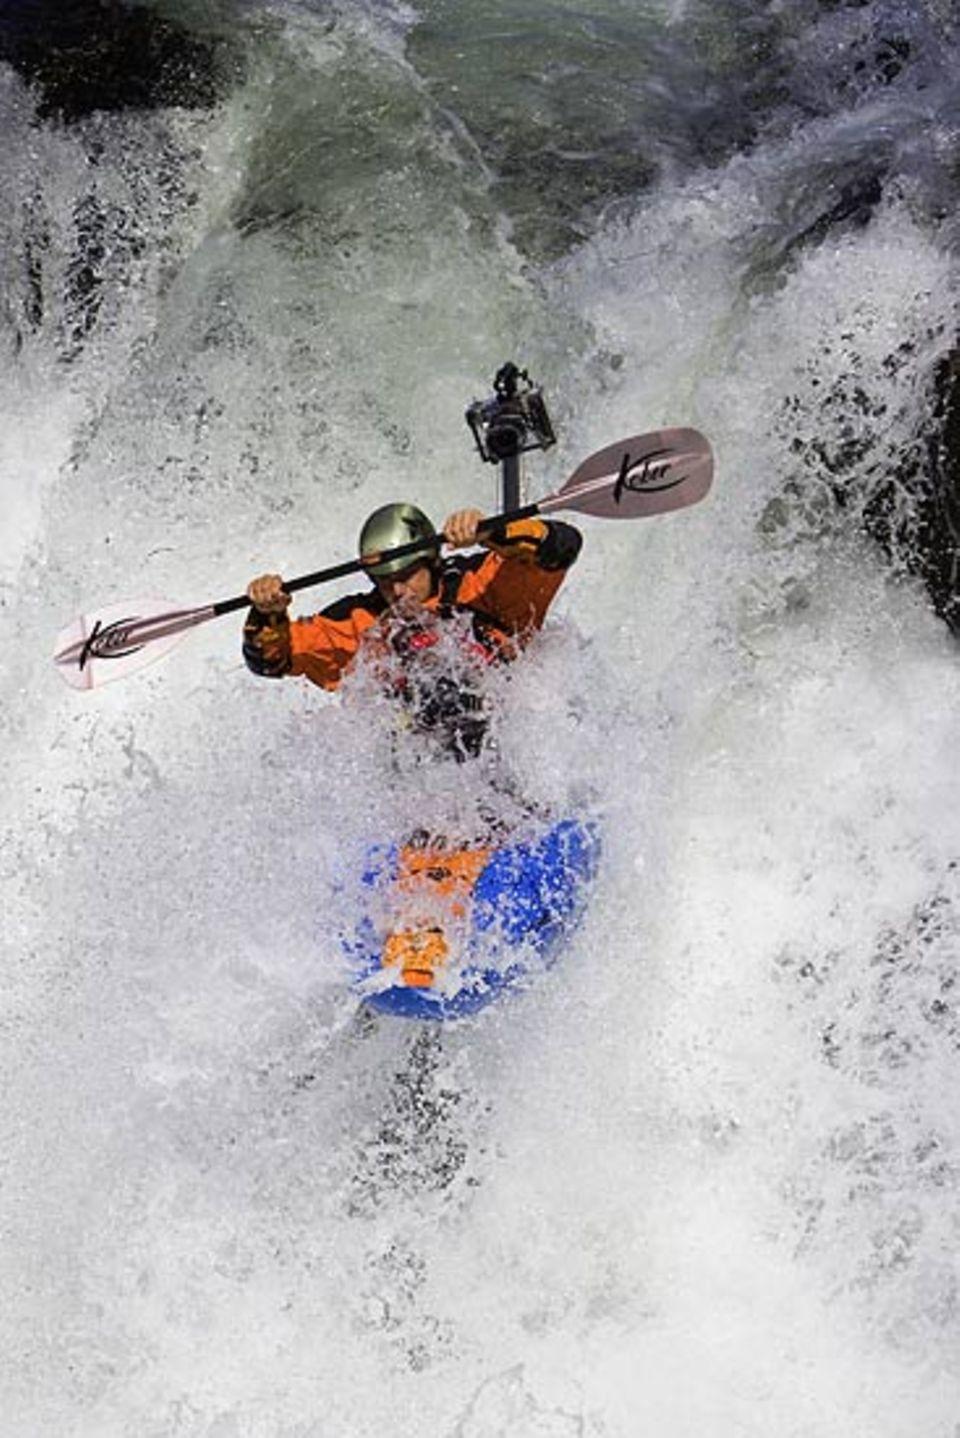 Im Wildwasser muss Peter Tümmers mit seinem Körper das Kajak in der Balance halten und gleichzeitig mit dem Paddel steuern - während er im Kopf schon die nächste Aktion plant